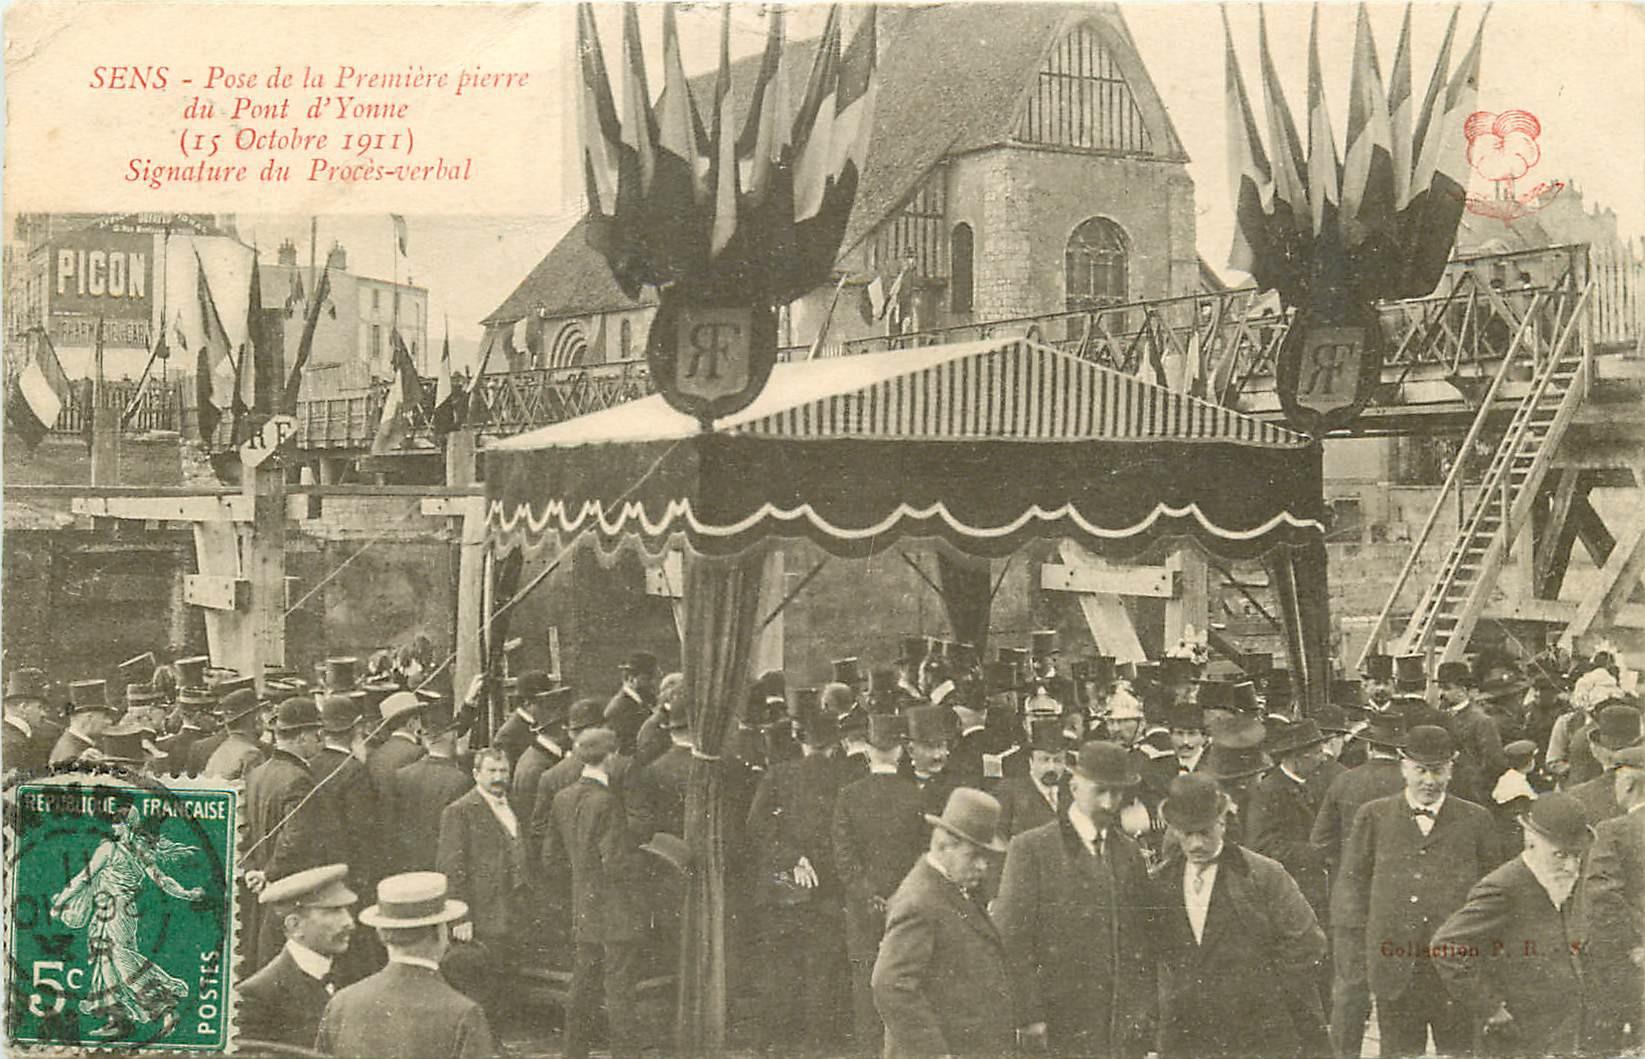 WW 89 SENS. Pose de la Première pierre du Pont d'Yonne et Procès-verbal 1911